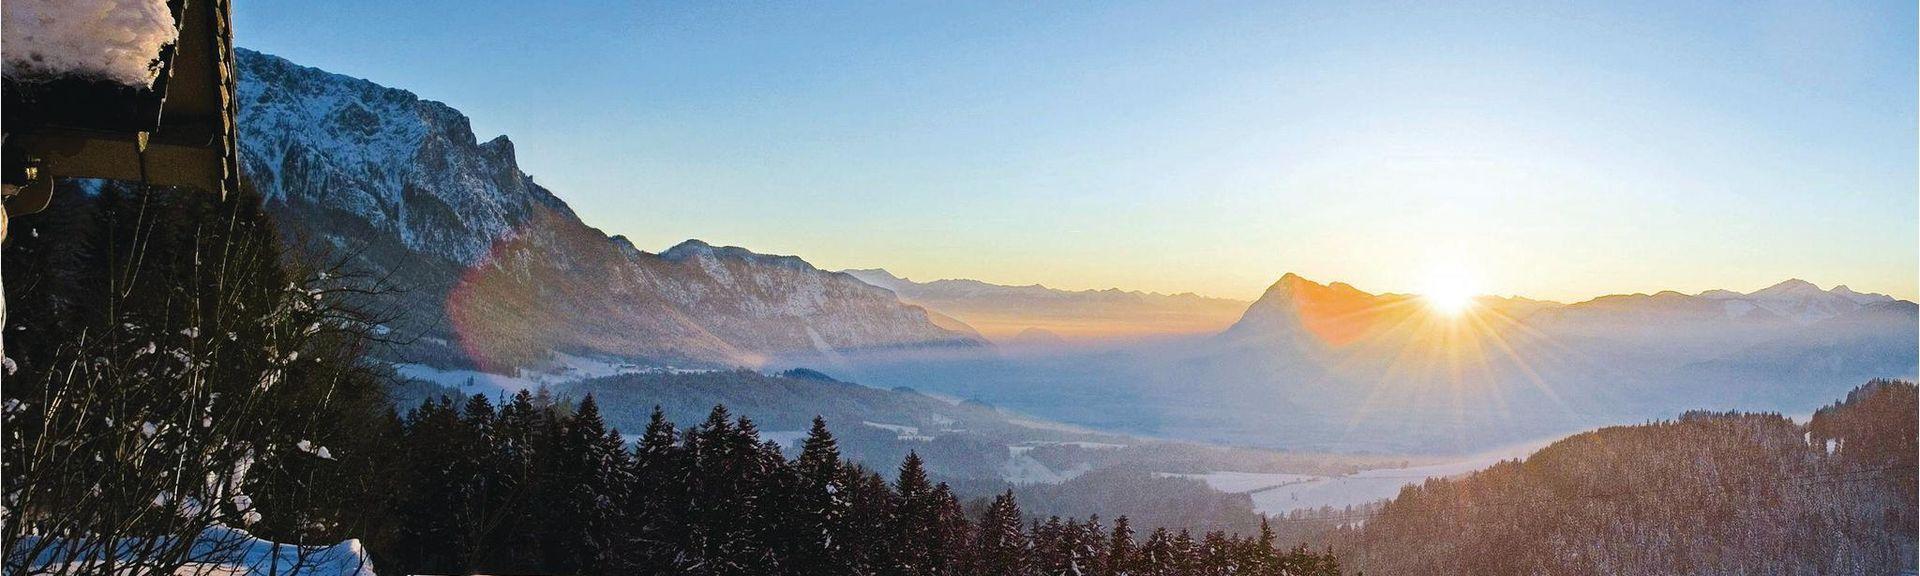 Kiefersfelden, Bavaria, Germany